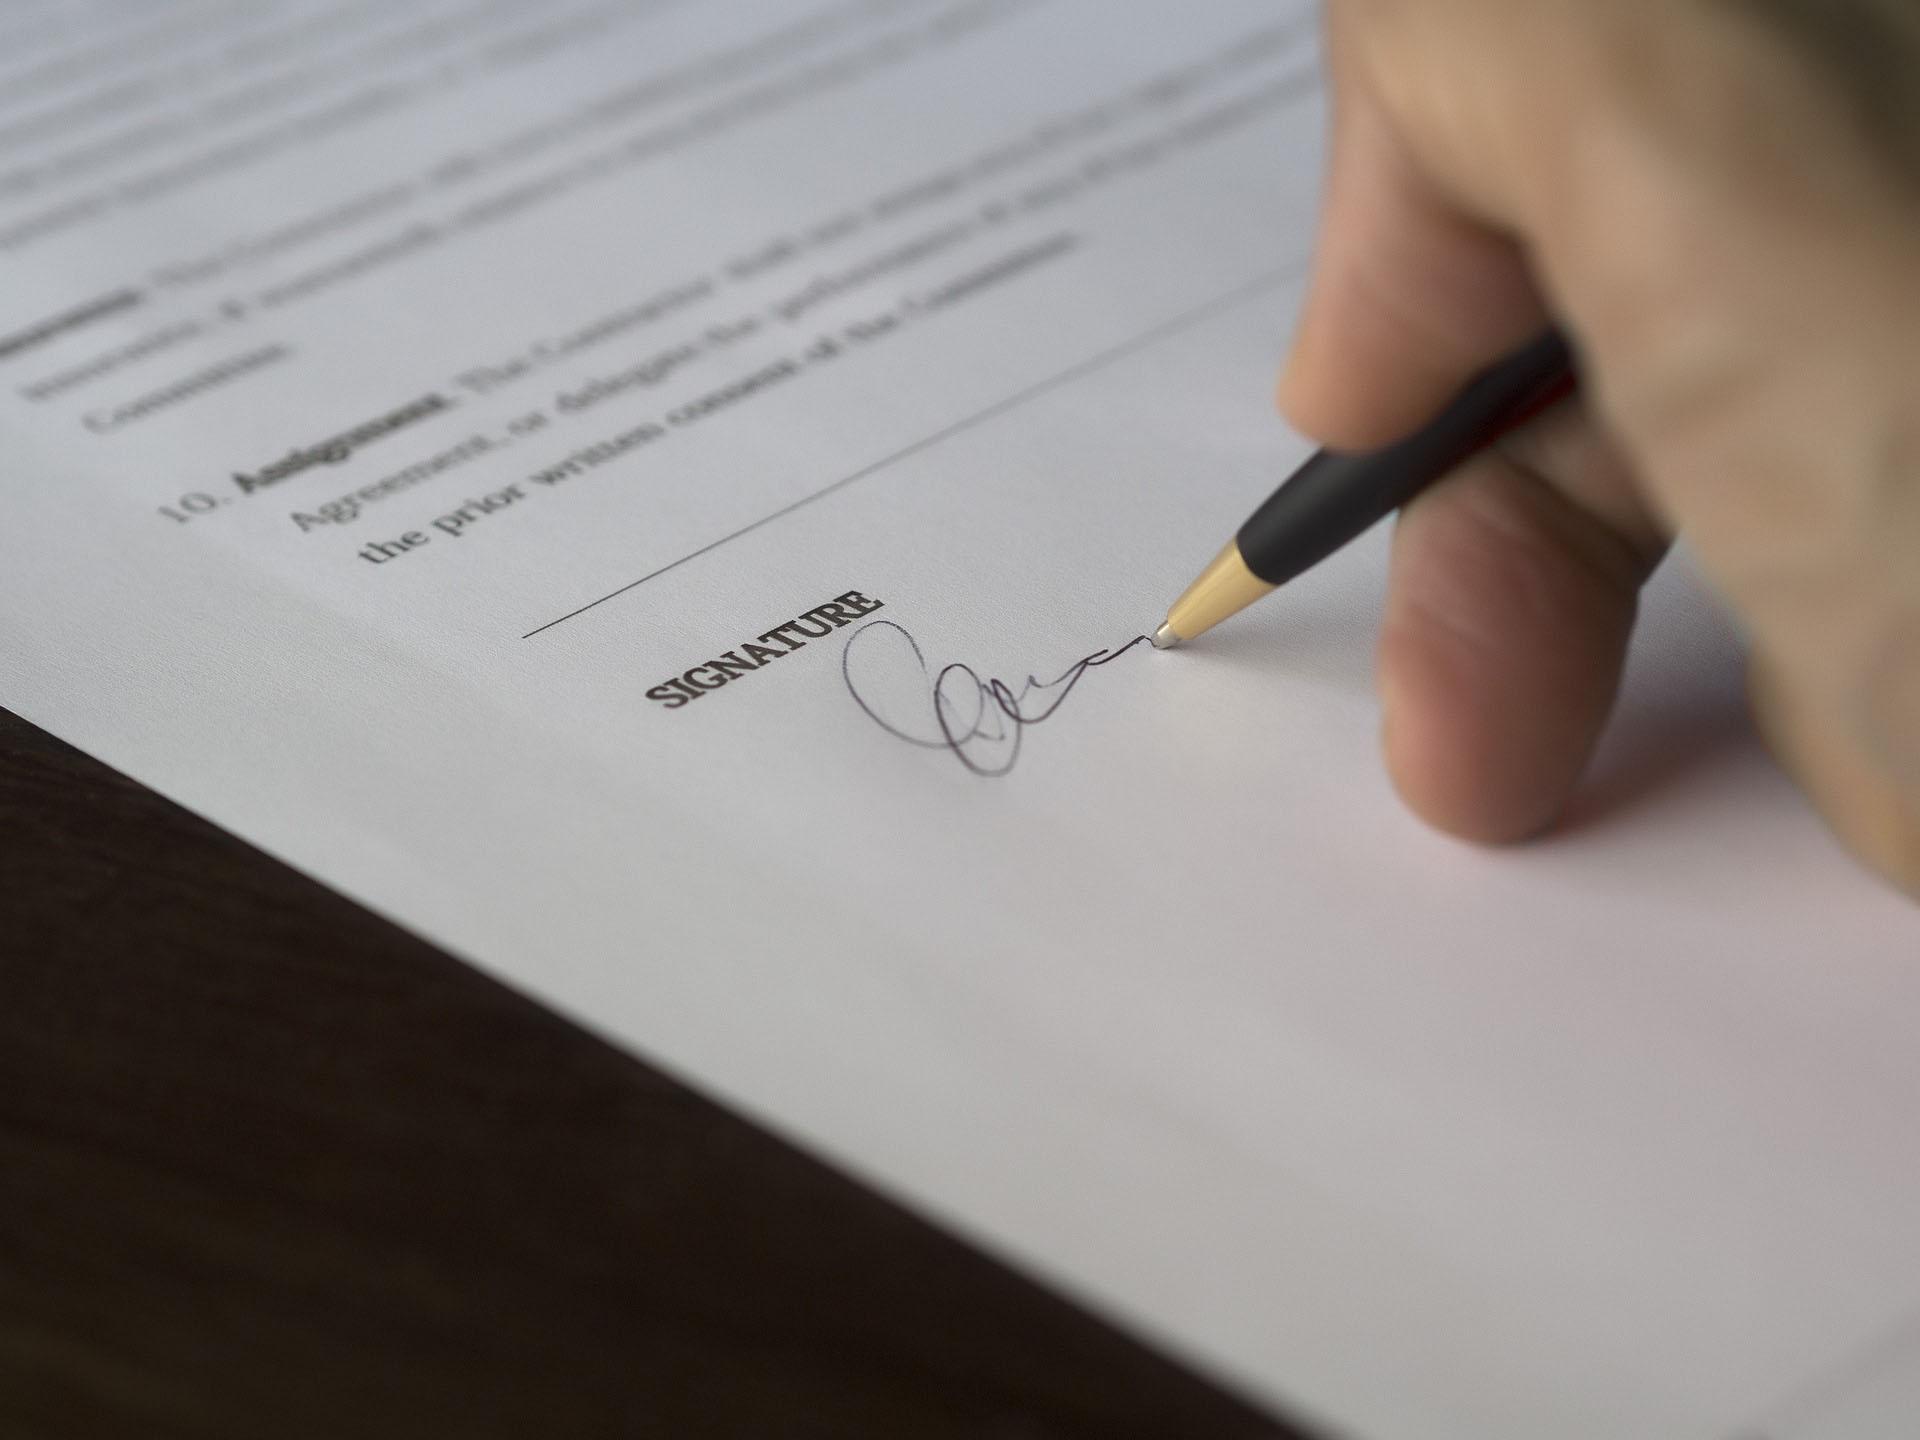 Для защиты от мошенничества регистрацию недвижимости с помощью электронной подписи планируют ограничить